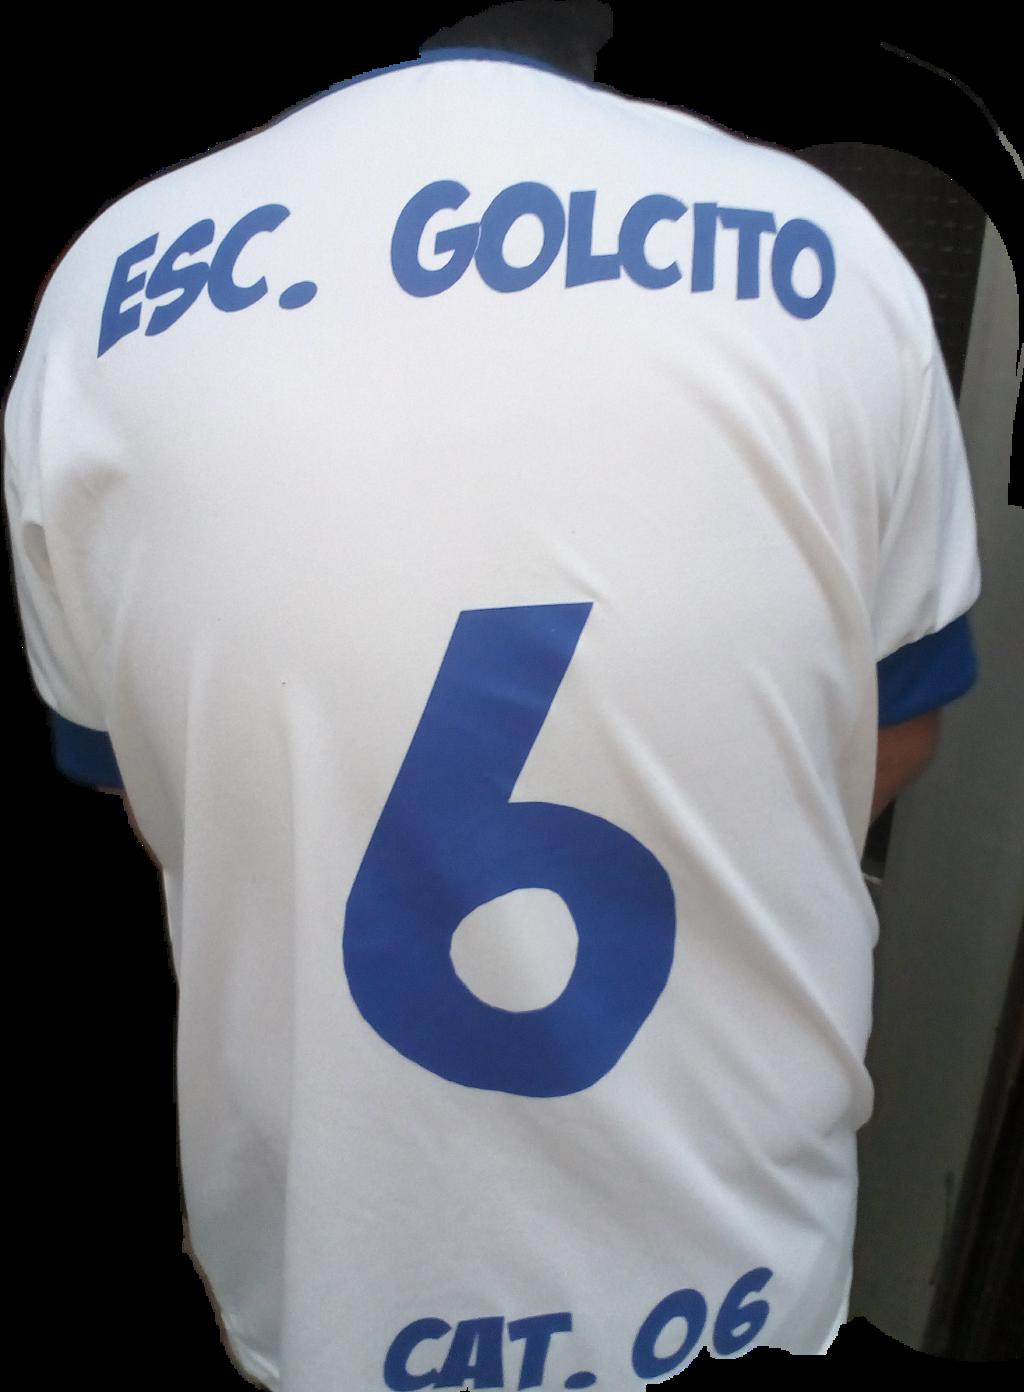 #miequipo de futbol